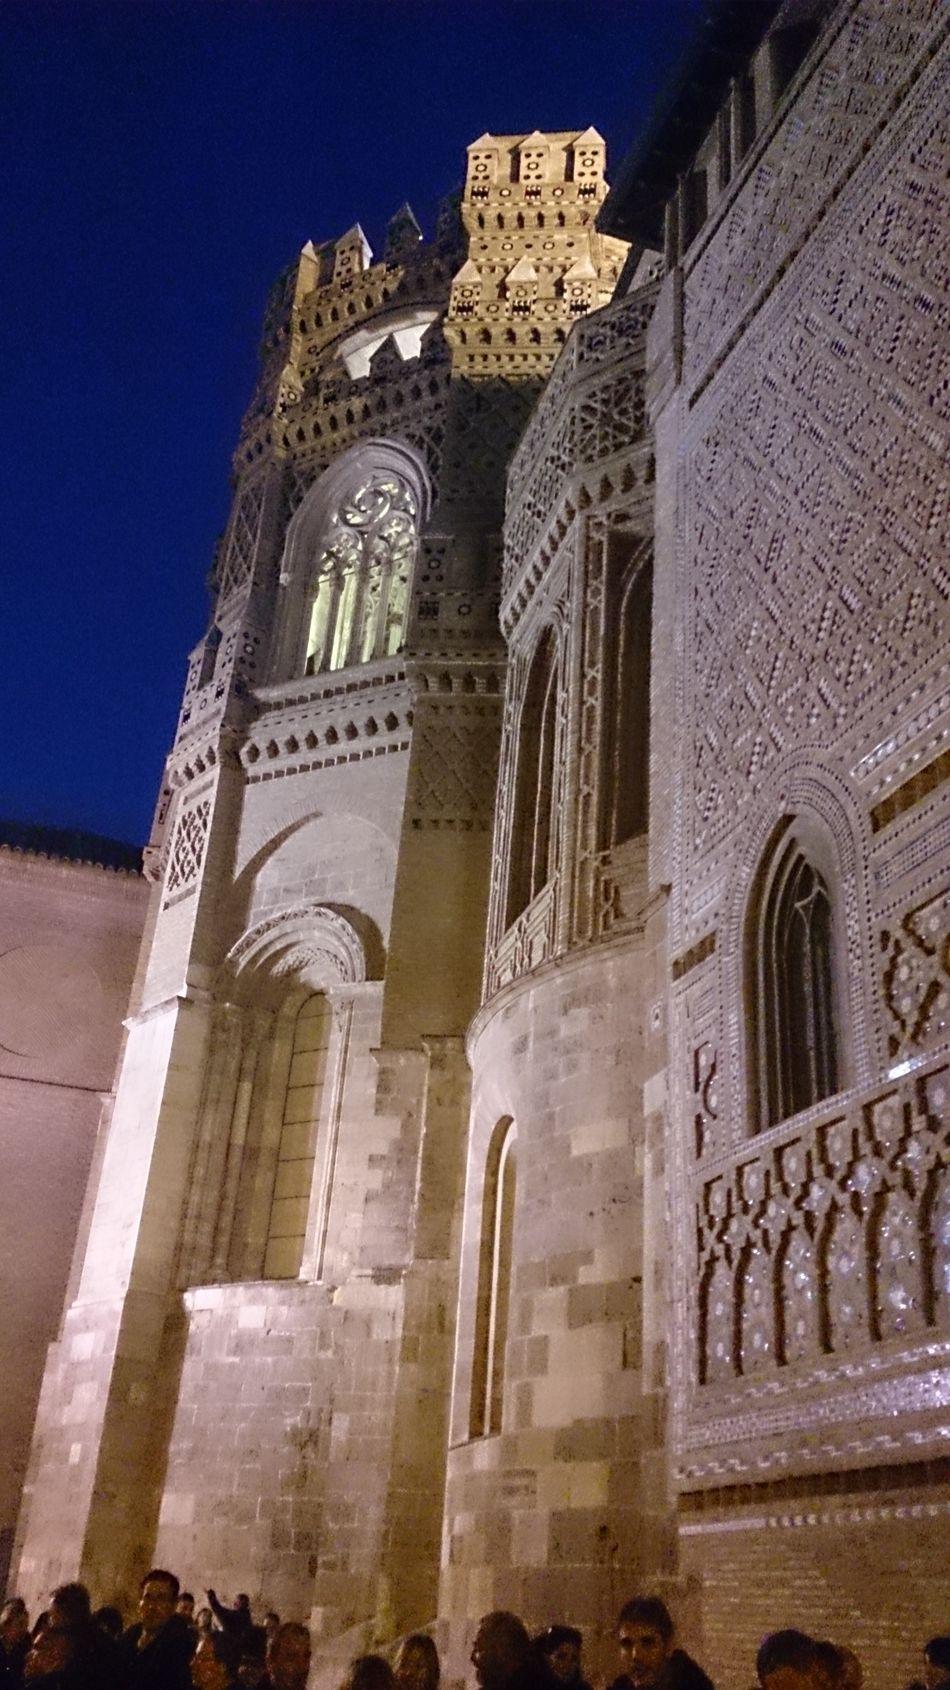 Un Lateral de la Fachada de la Catedral de La Seo